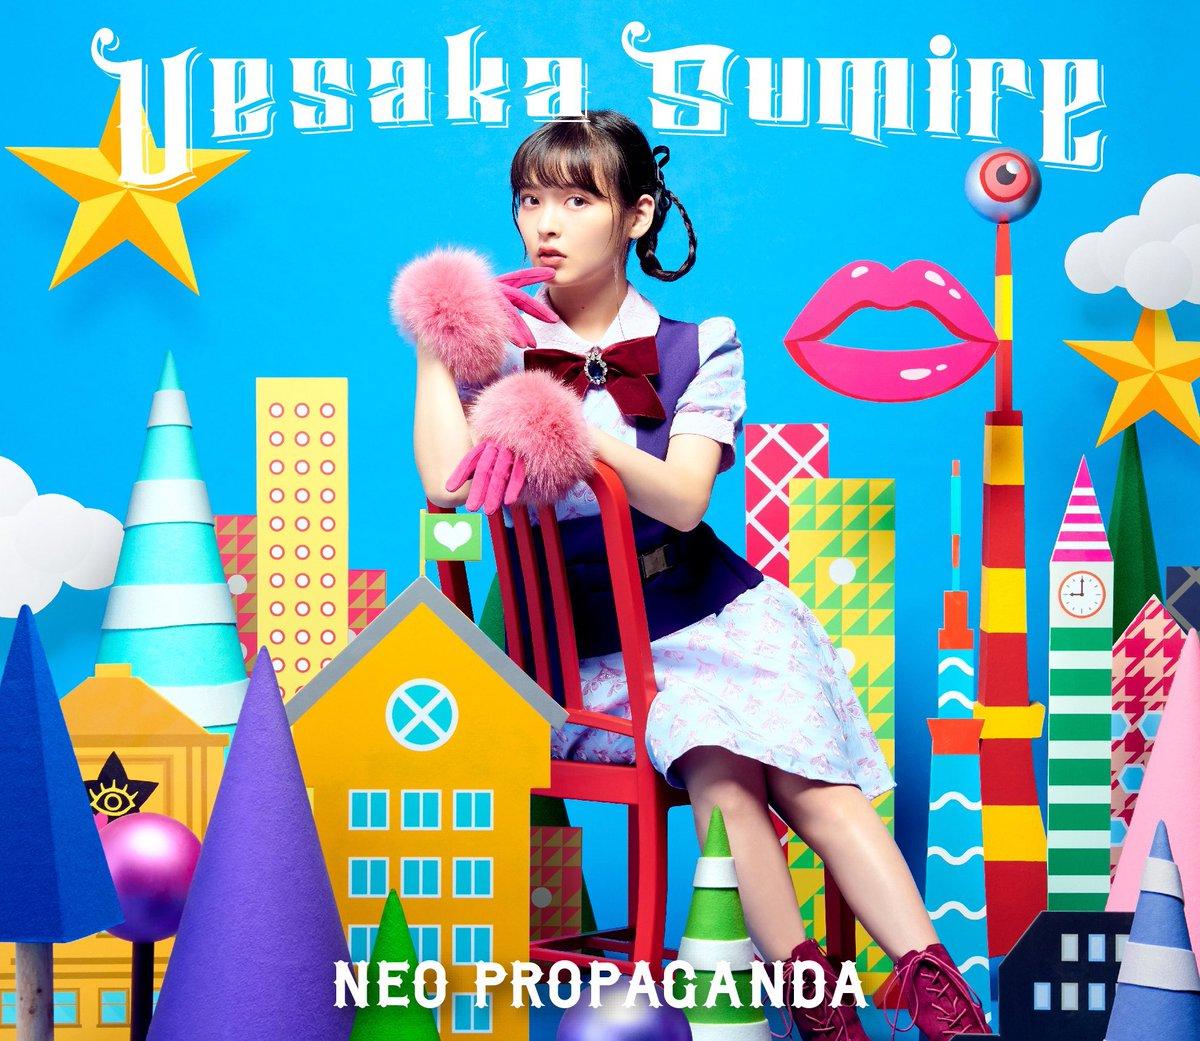 『上坂すみれ ウエサカダイナミック 歌詞』収録の『NEO PROPAGANDA』ジャケット